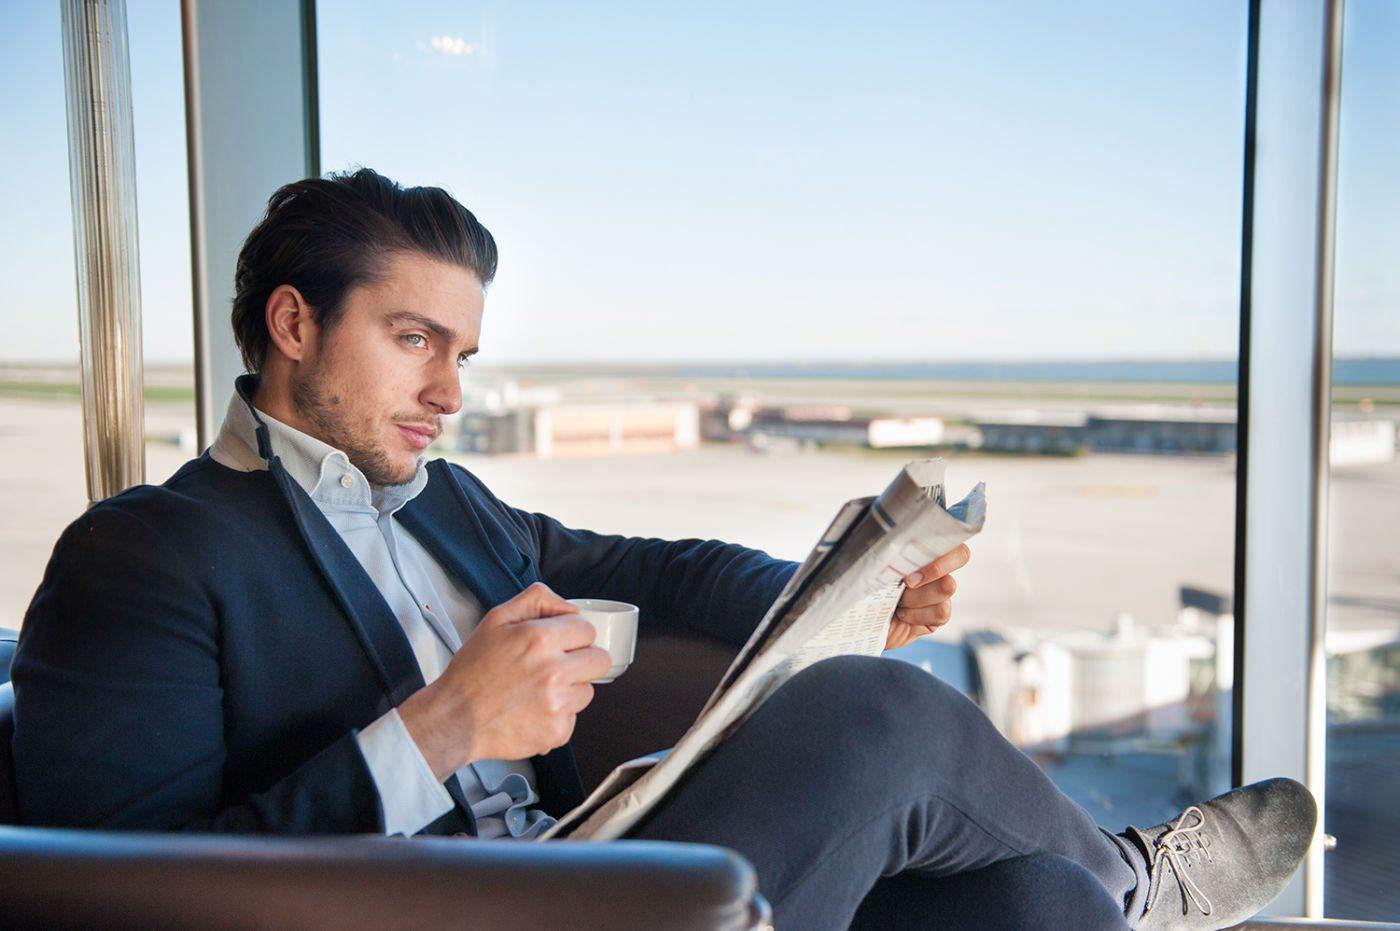 servizio fotografico con modello per aeroporto di venezia fotografato da francesca bottazzin